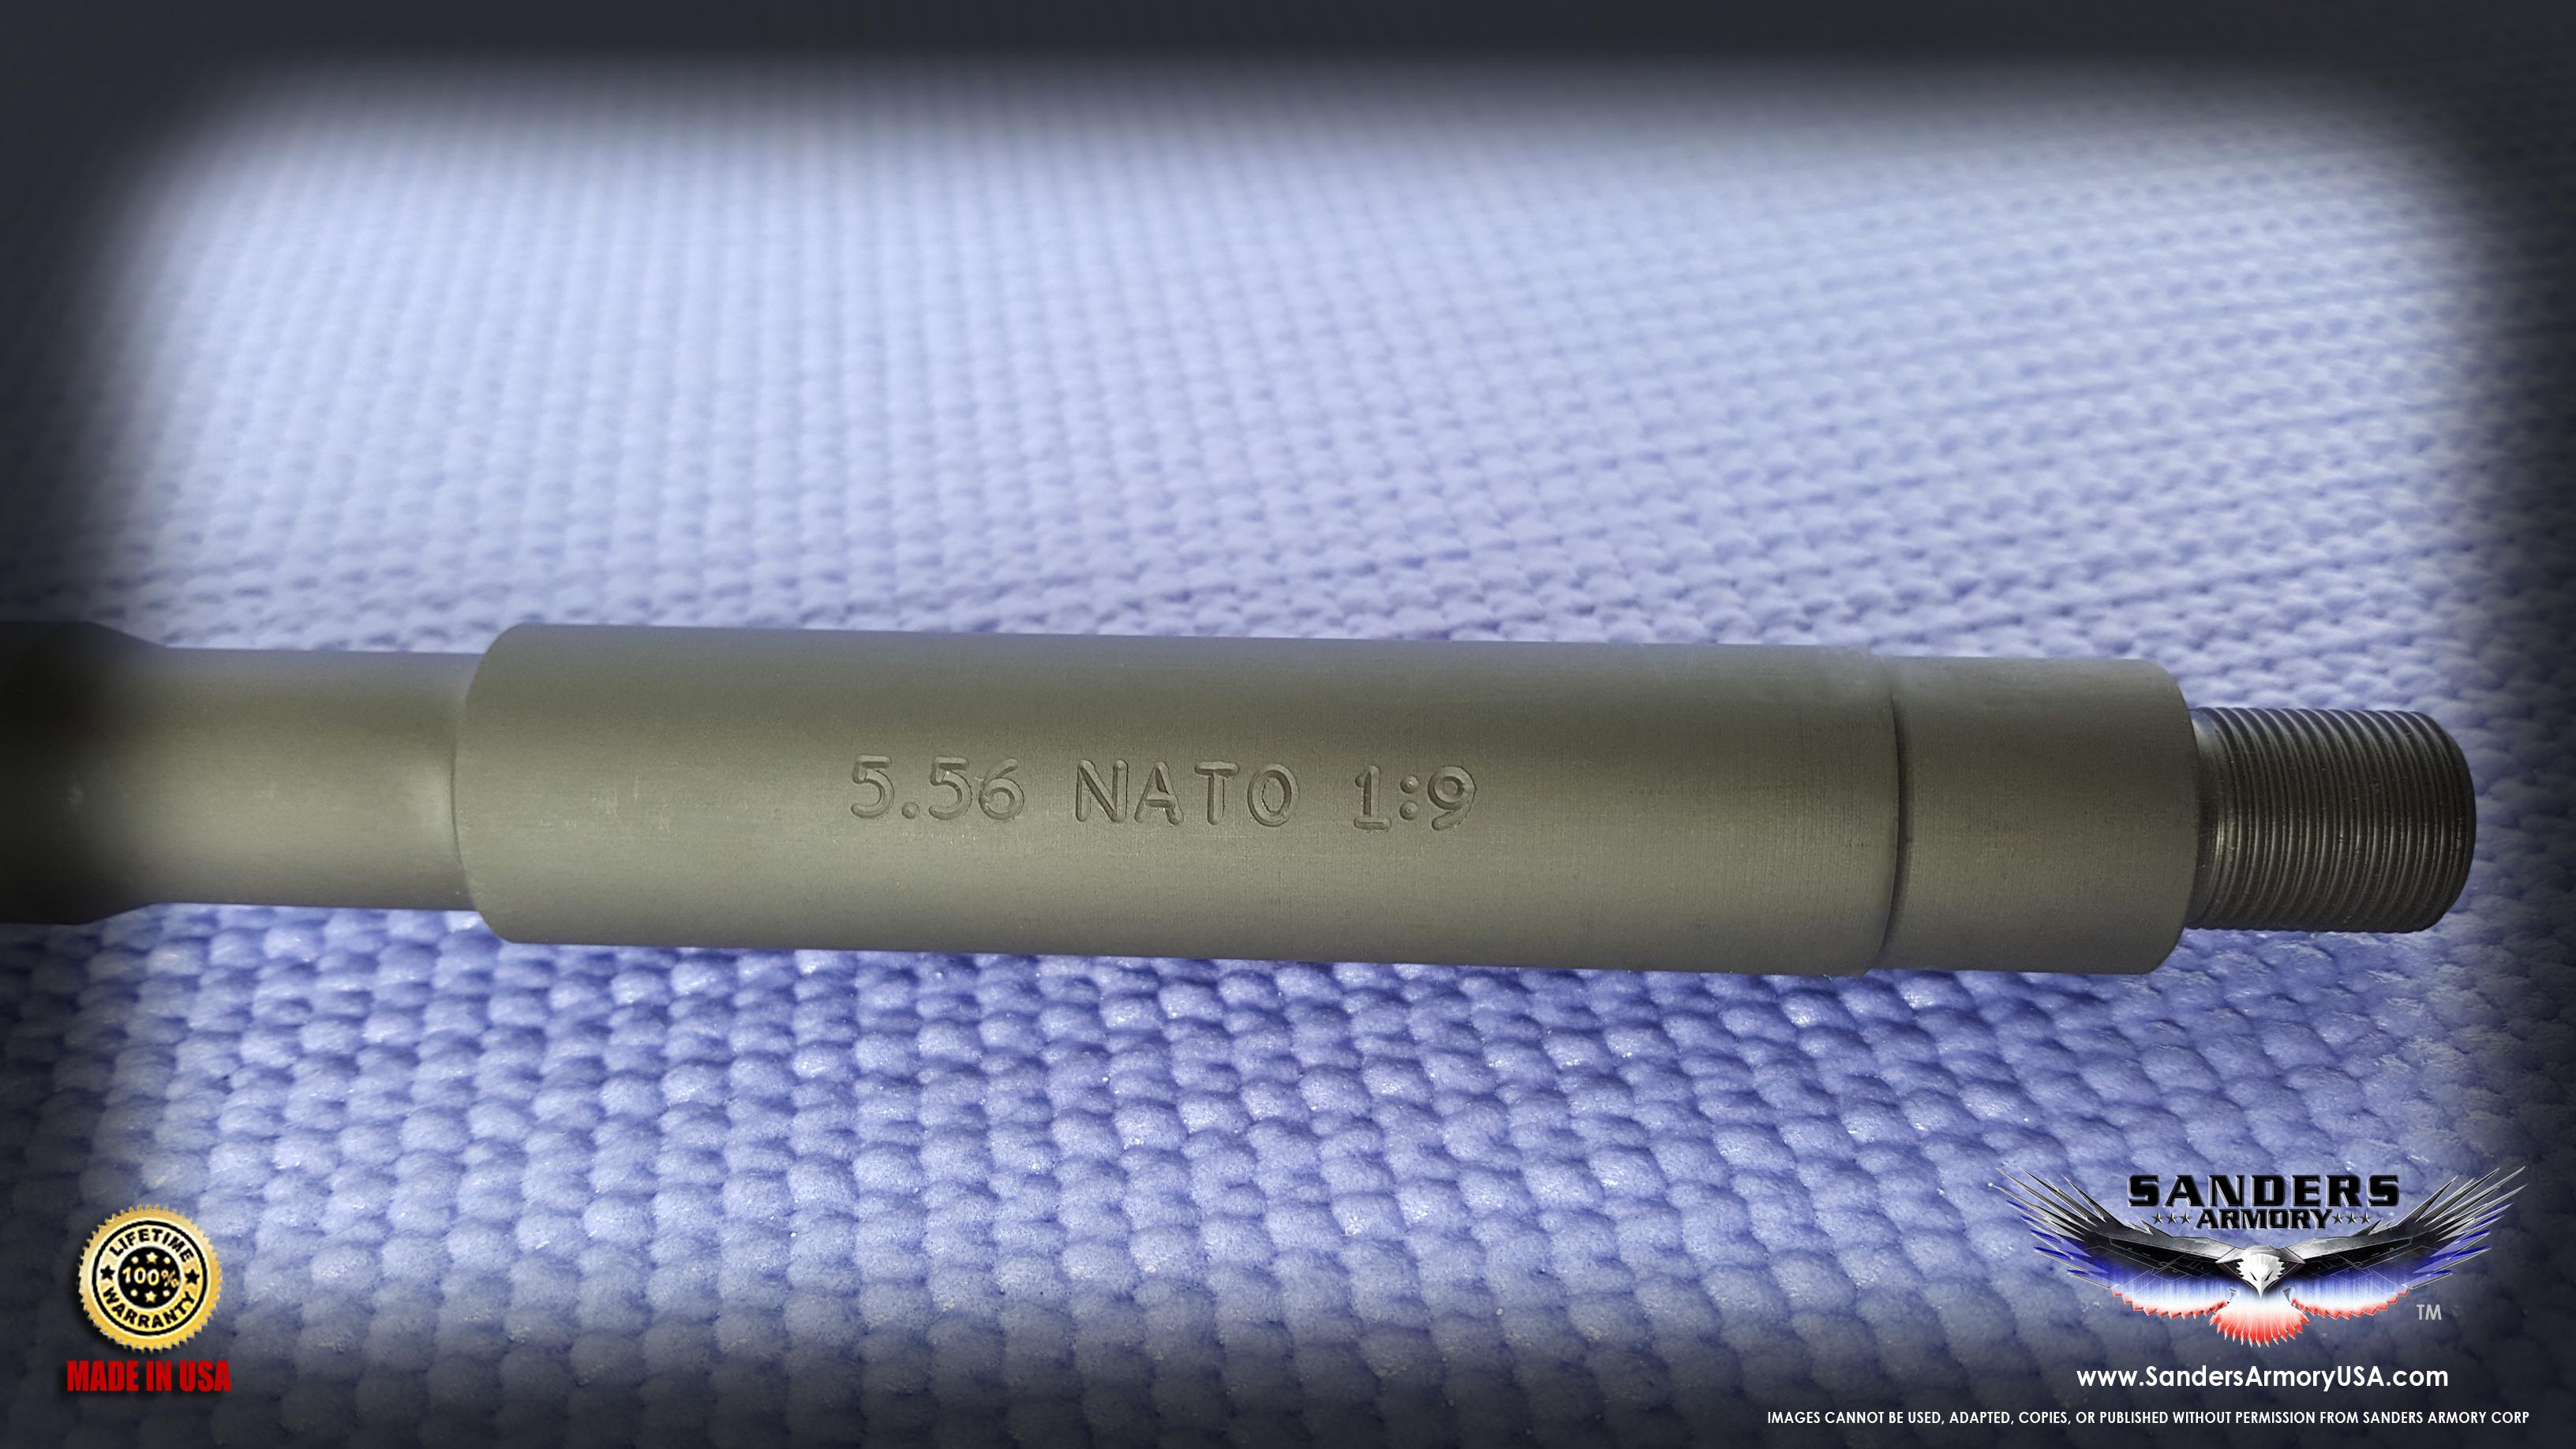 """16"""" Contour Parkerized 4140 Chrome Moly Steel 5 56 NATO 1:9"""